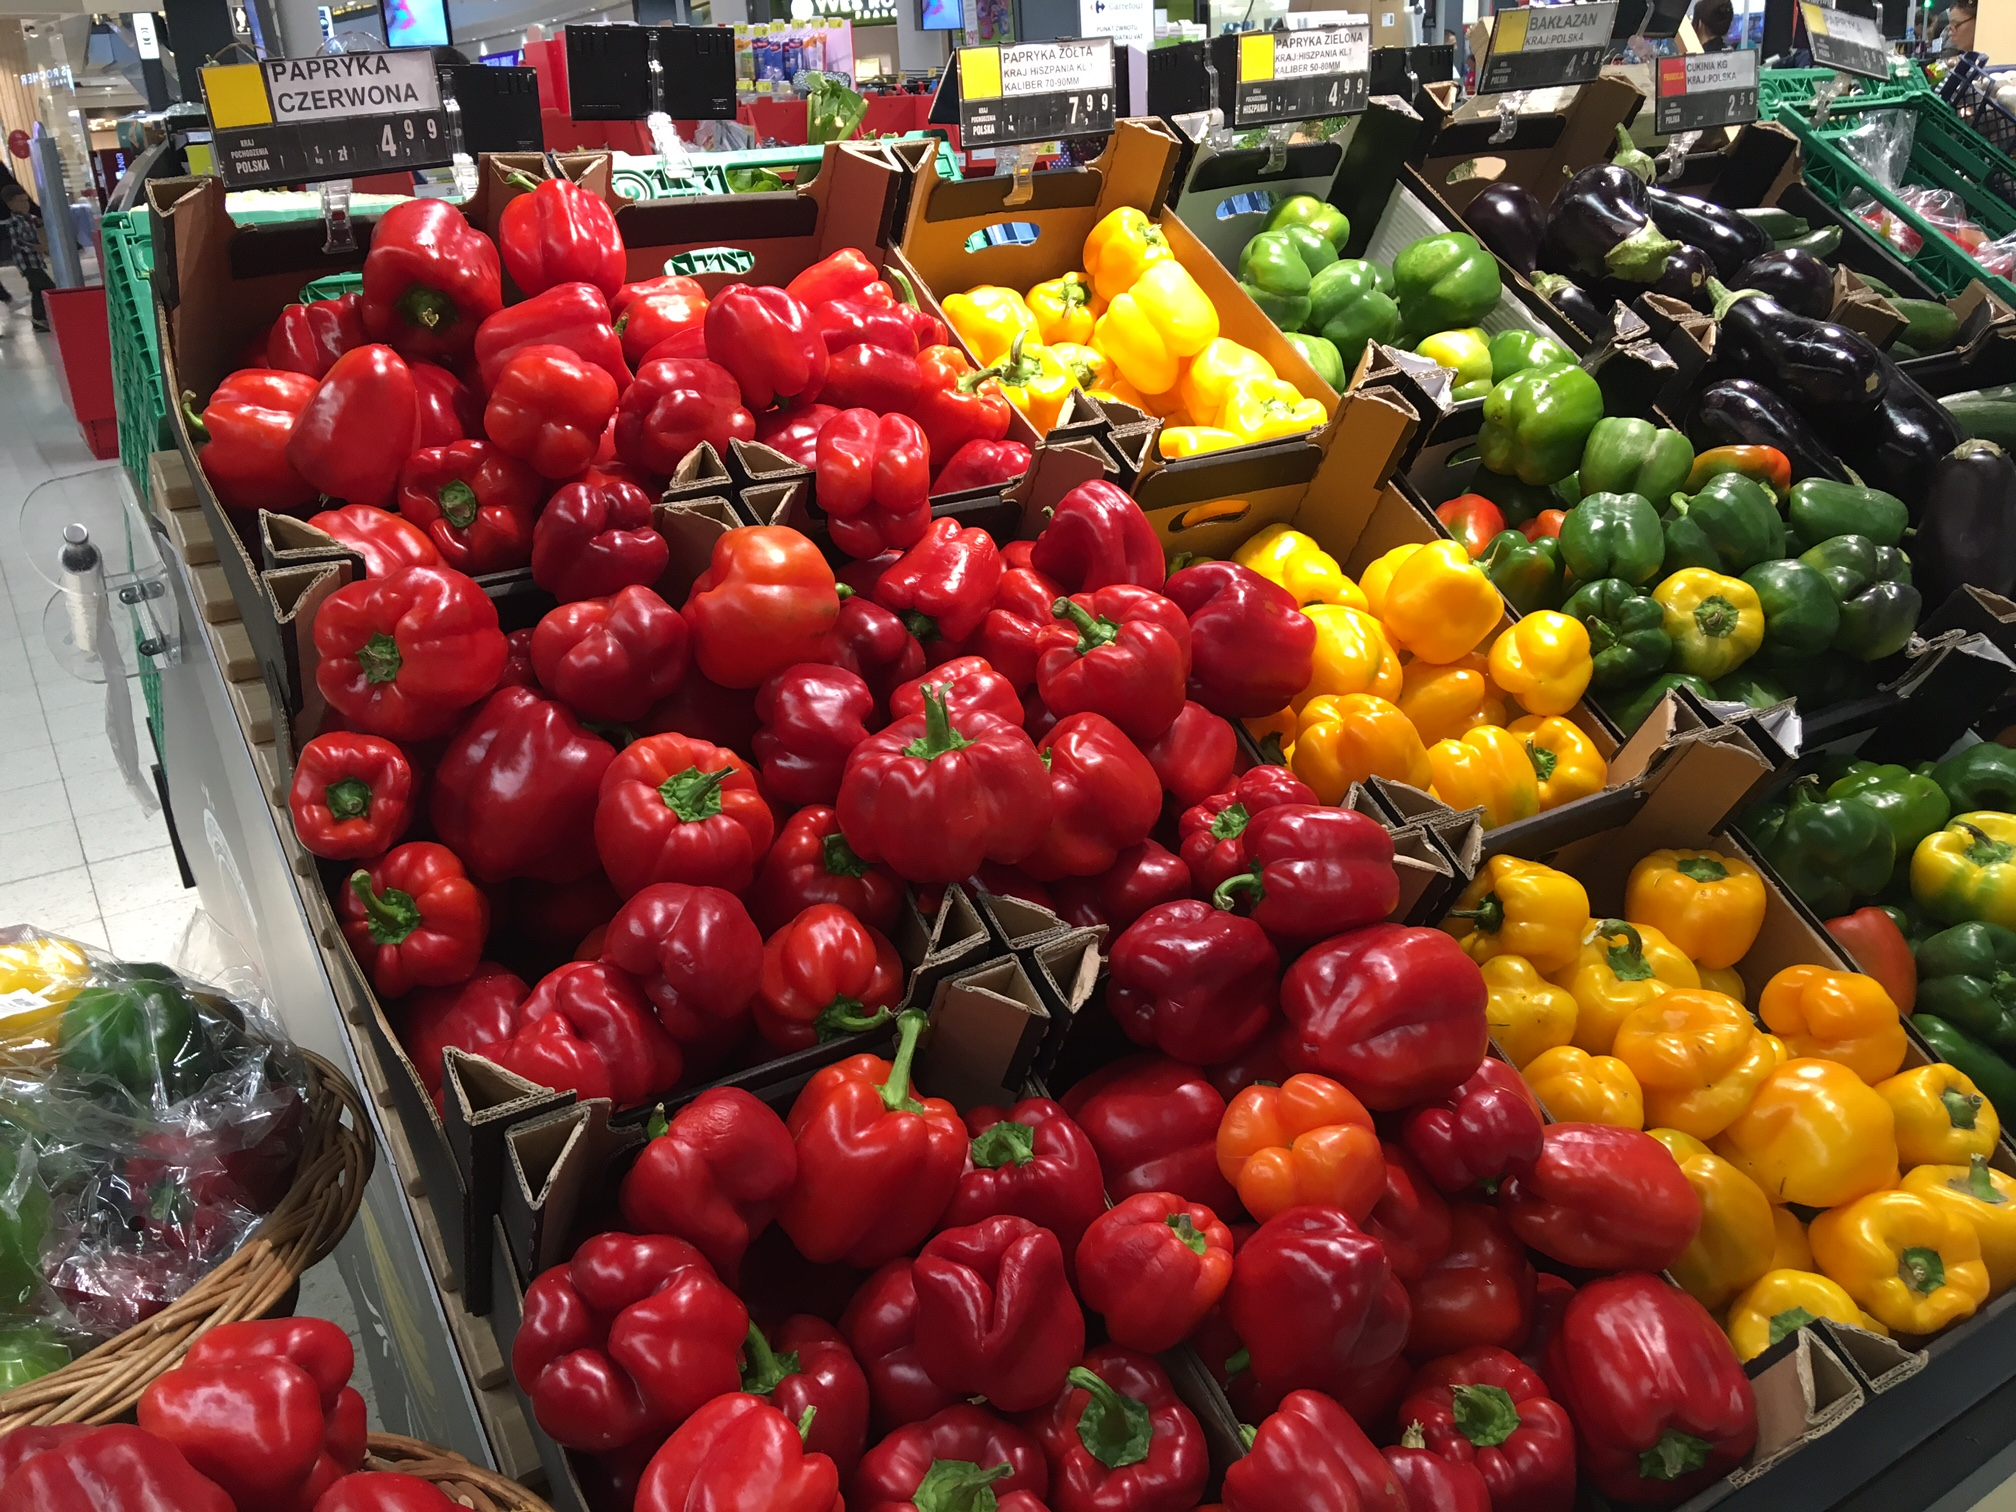 ポーランドのスーパーマーケット 野菜売り場